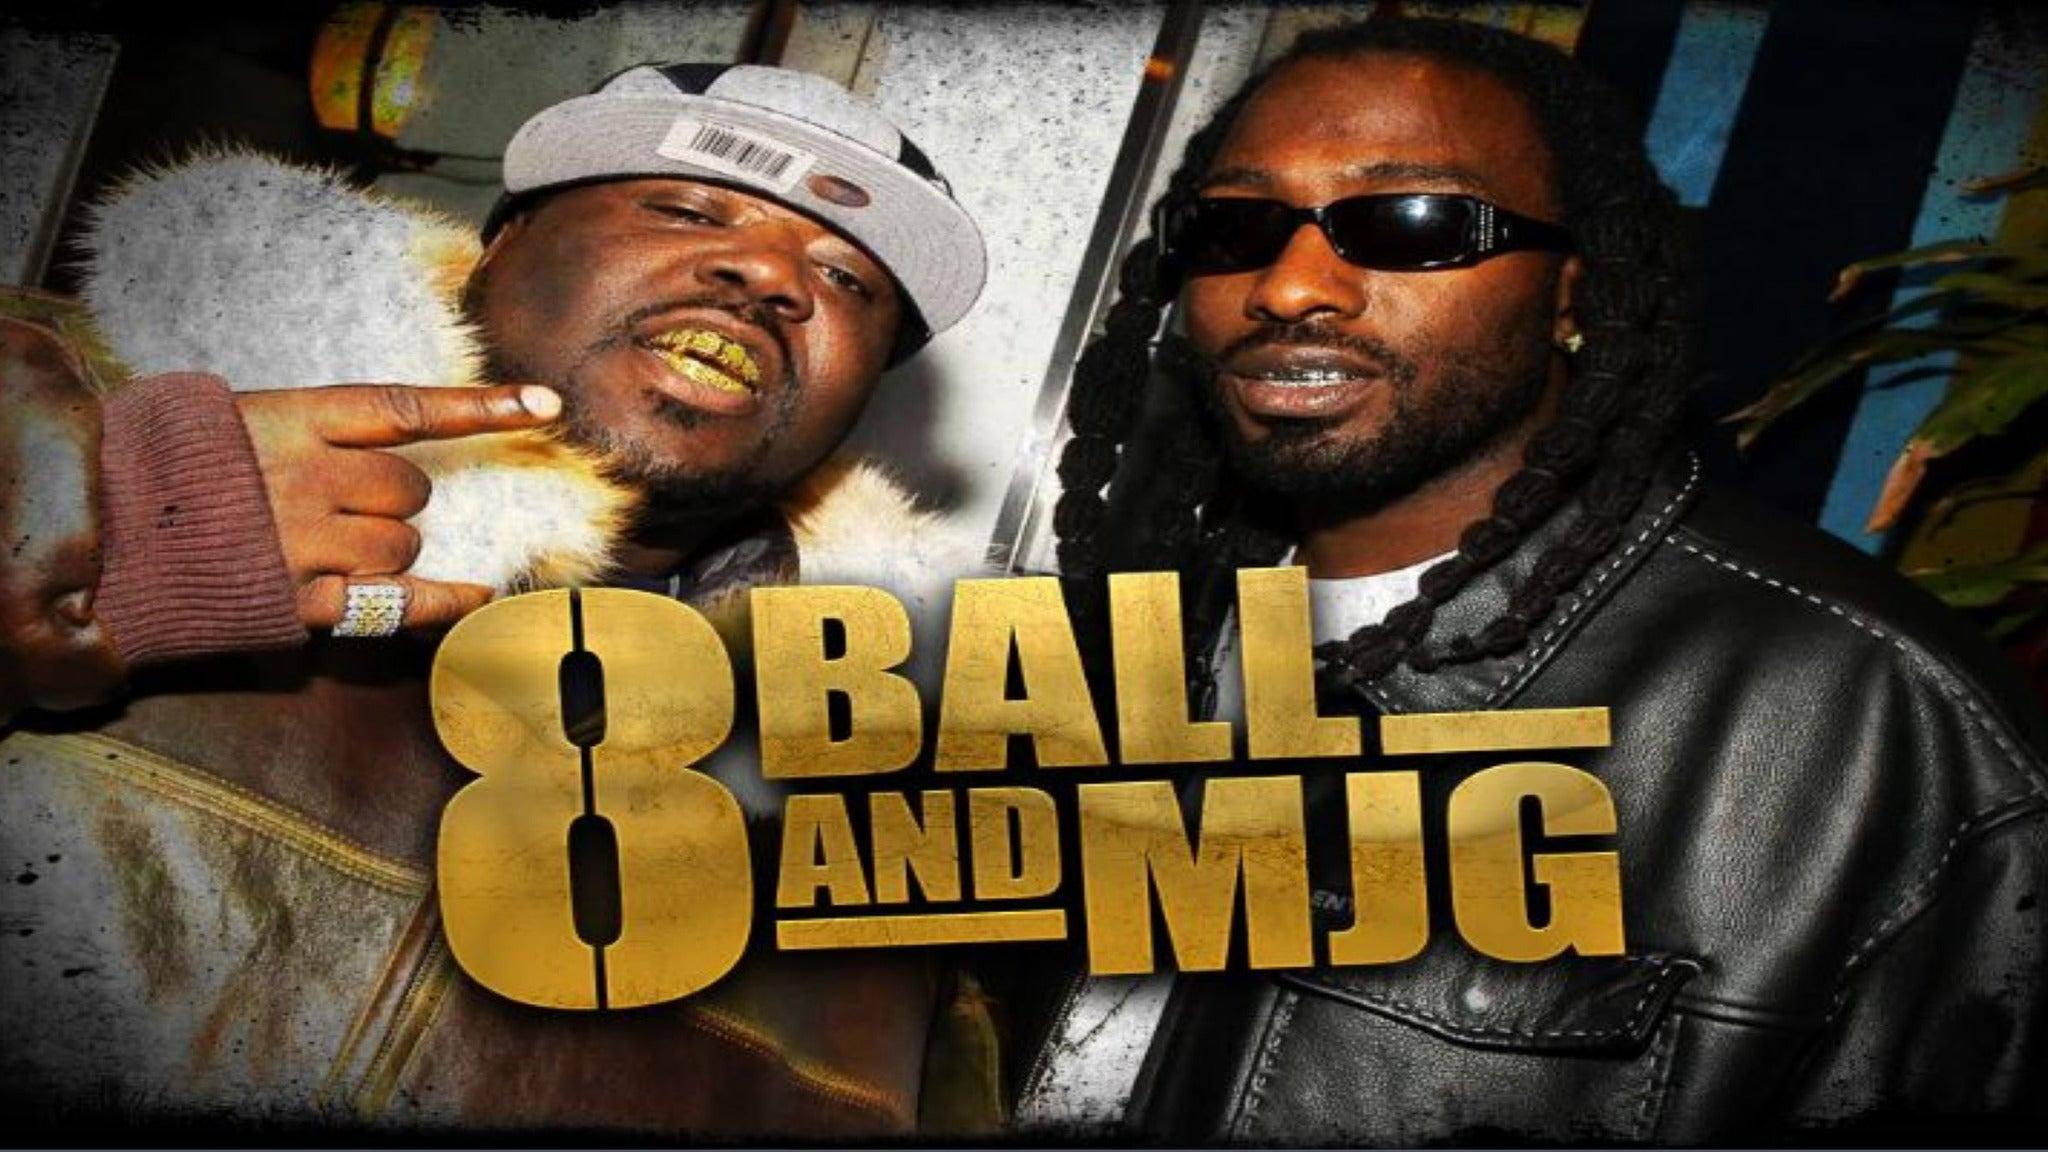 8ball & MJG at Bada Bing Grille 2